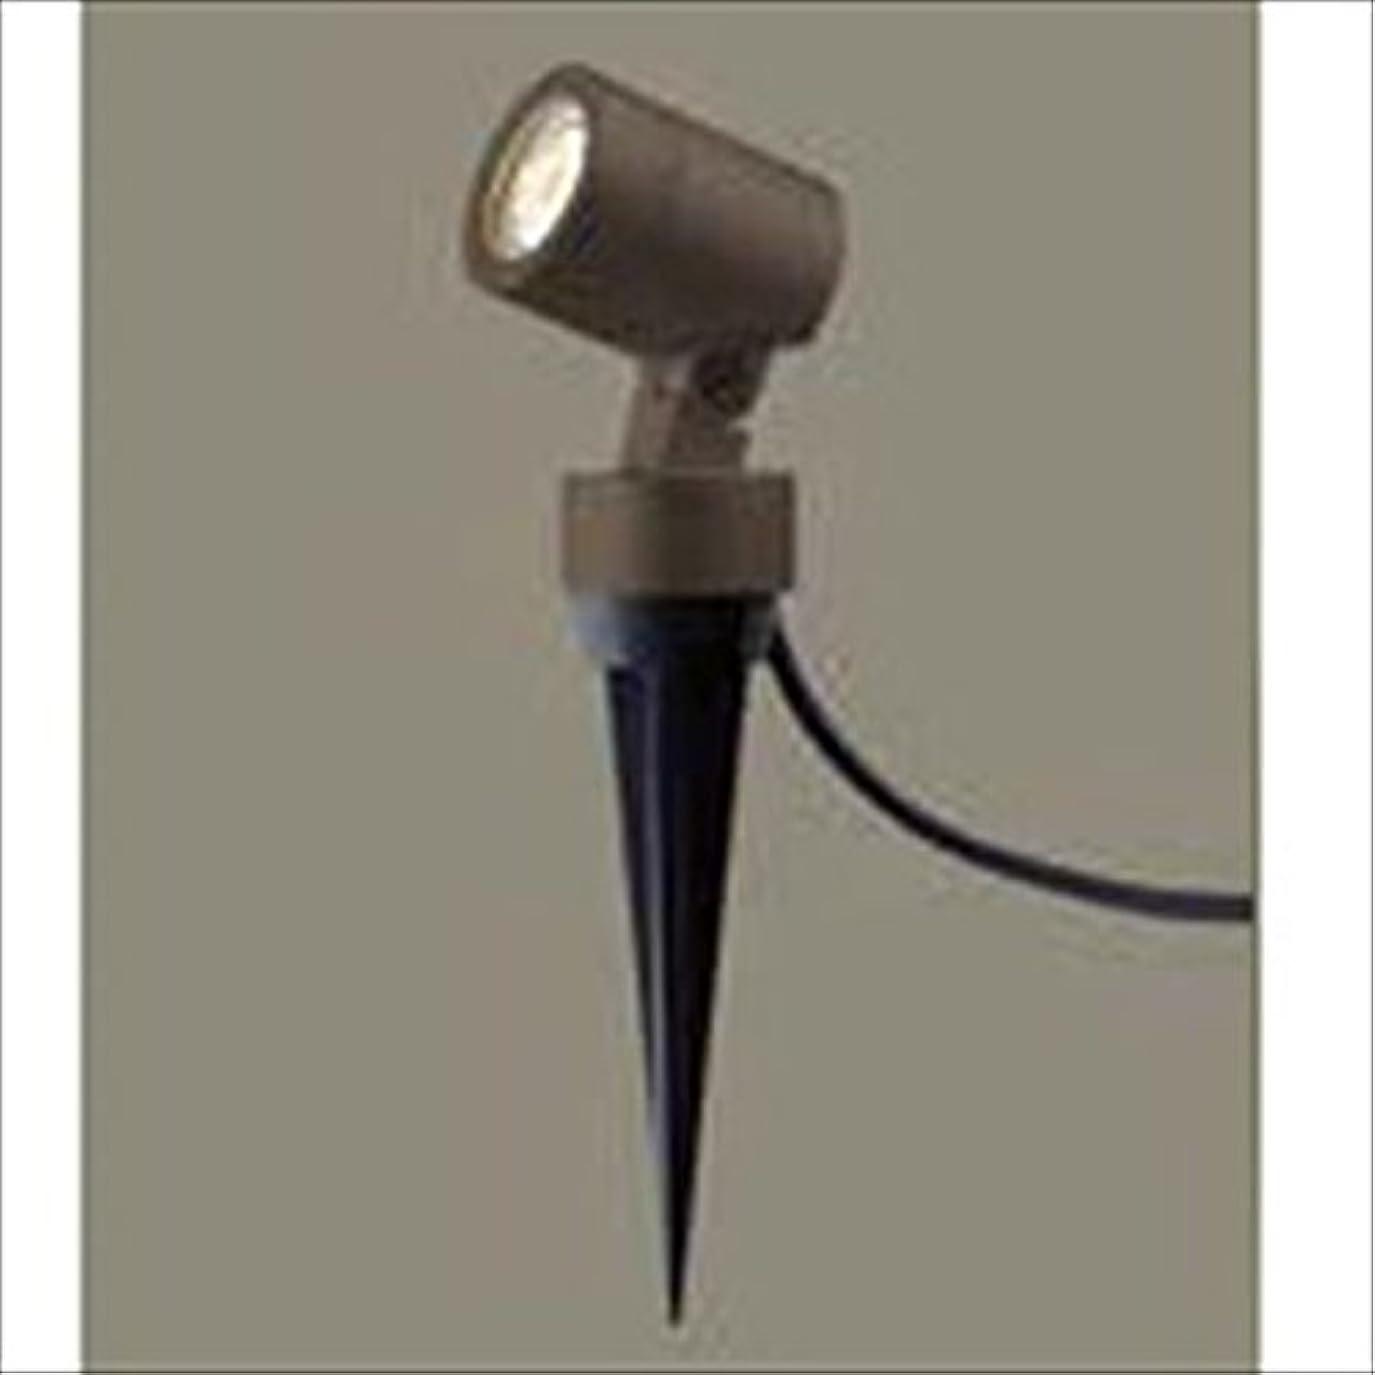 見せます夏中性リクシル TOEX 12V 美彩 スパイクスポットライト SSP-G2型 45° LED 照度角45°8 VLG08 AB 『リクシル ローボルトライト』 『エクステリア照明 ライト』 オータムブラウン